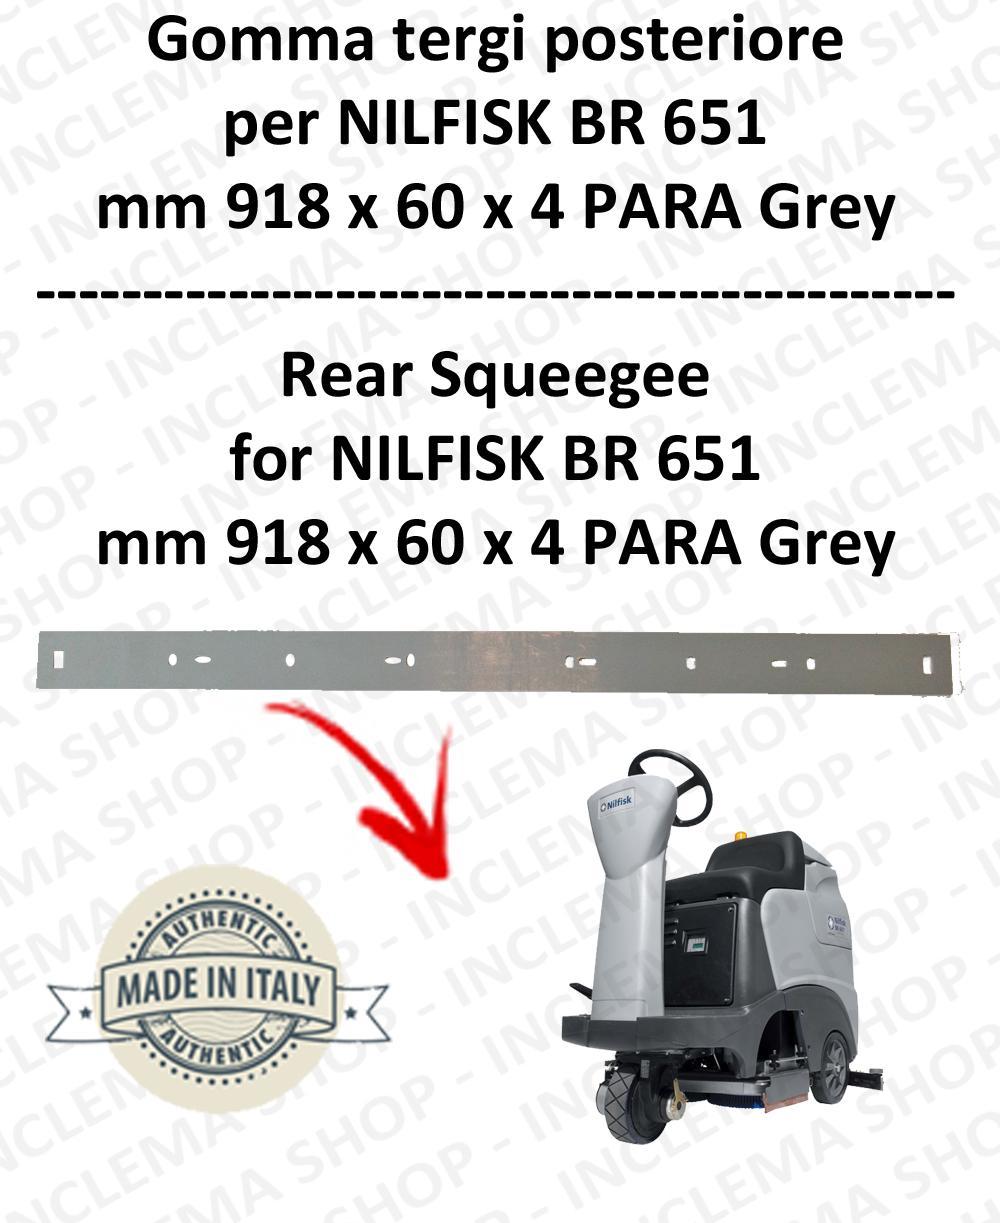 BR 651 - GOMMA TERGI posteriore per lavapavimenti NILFISK